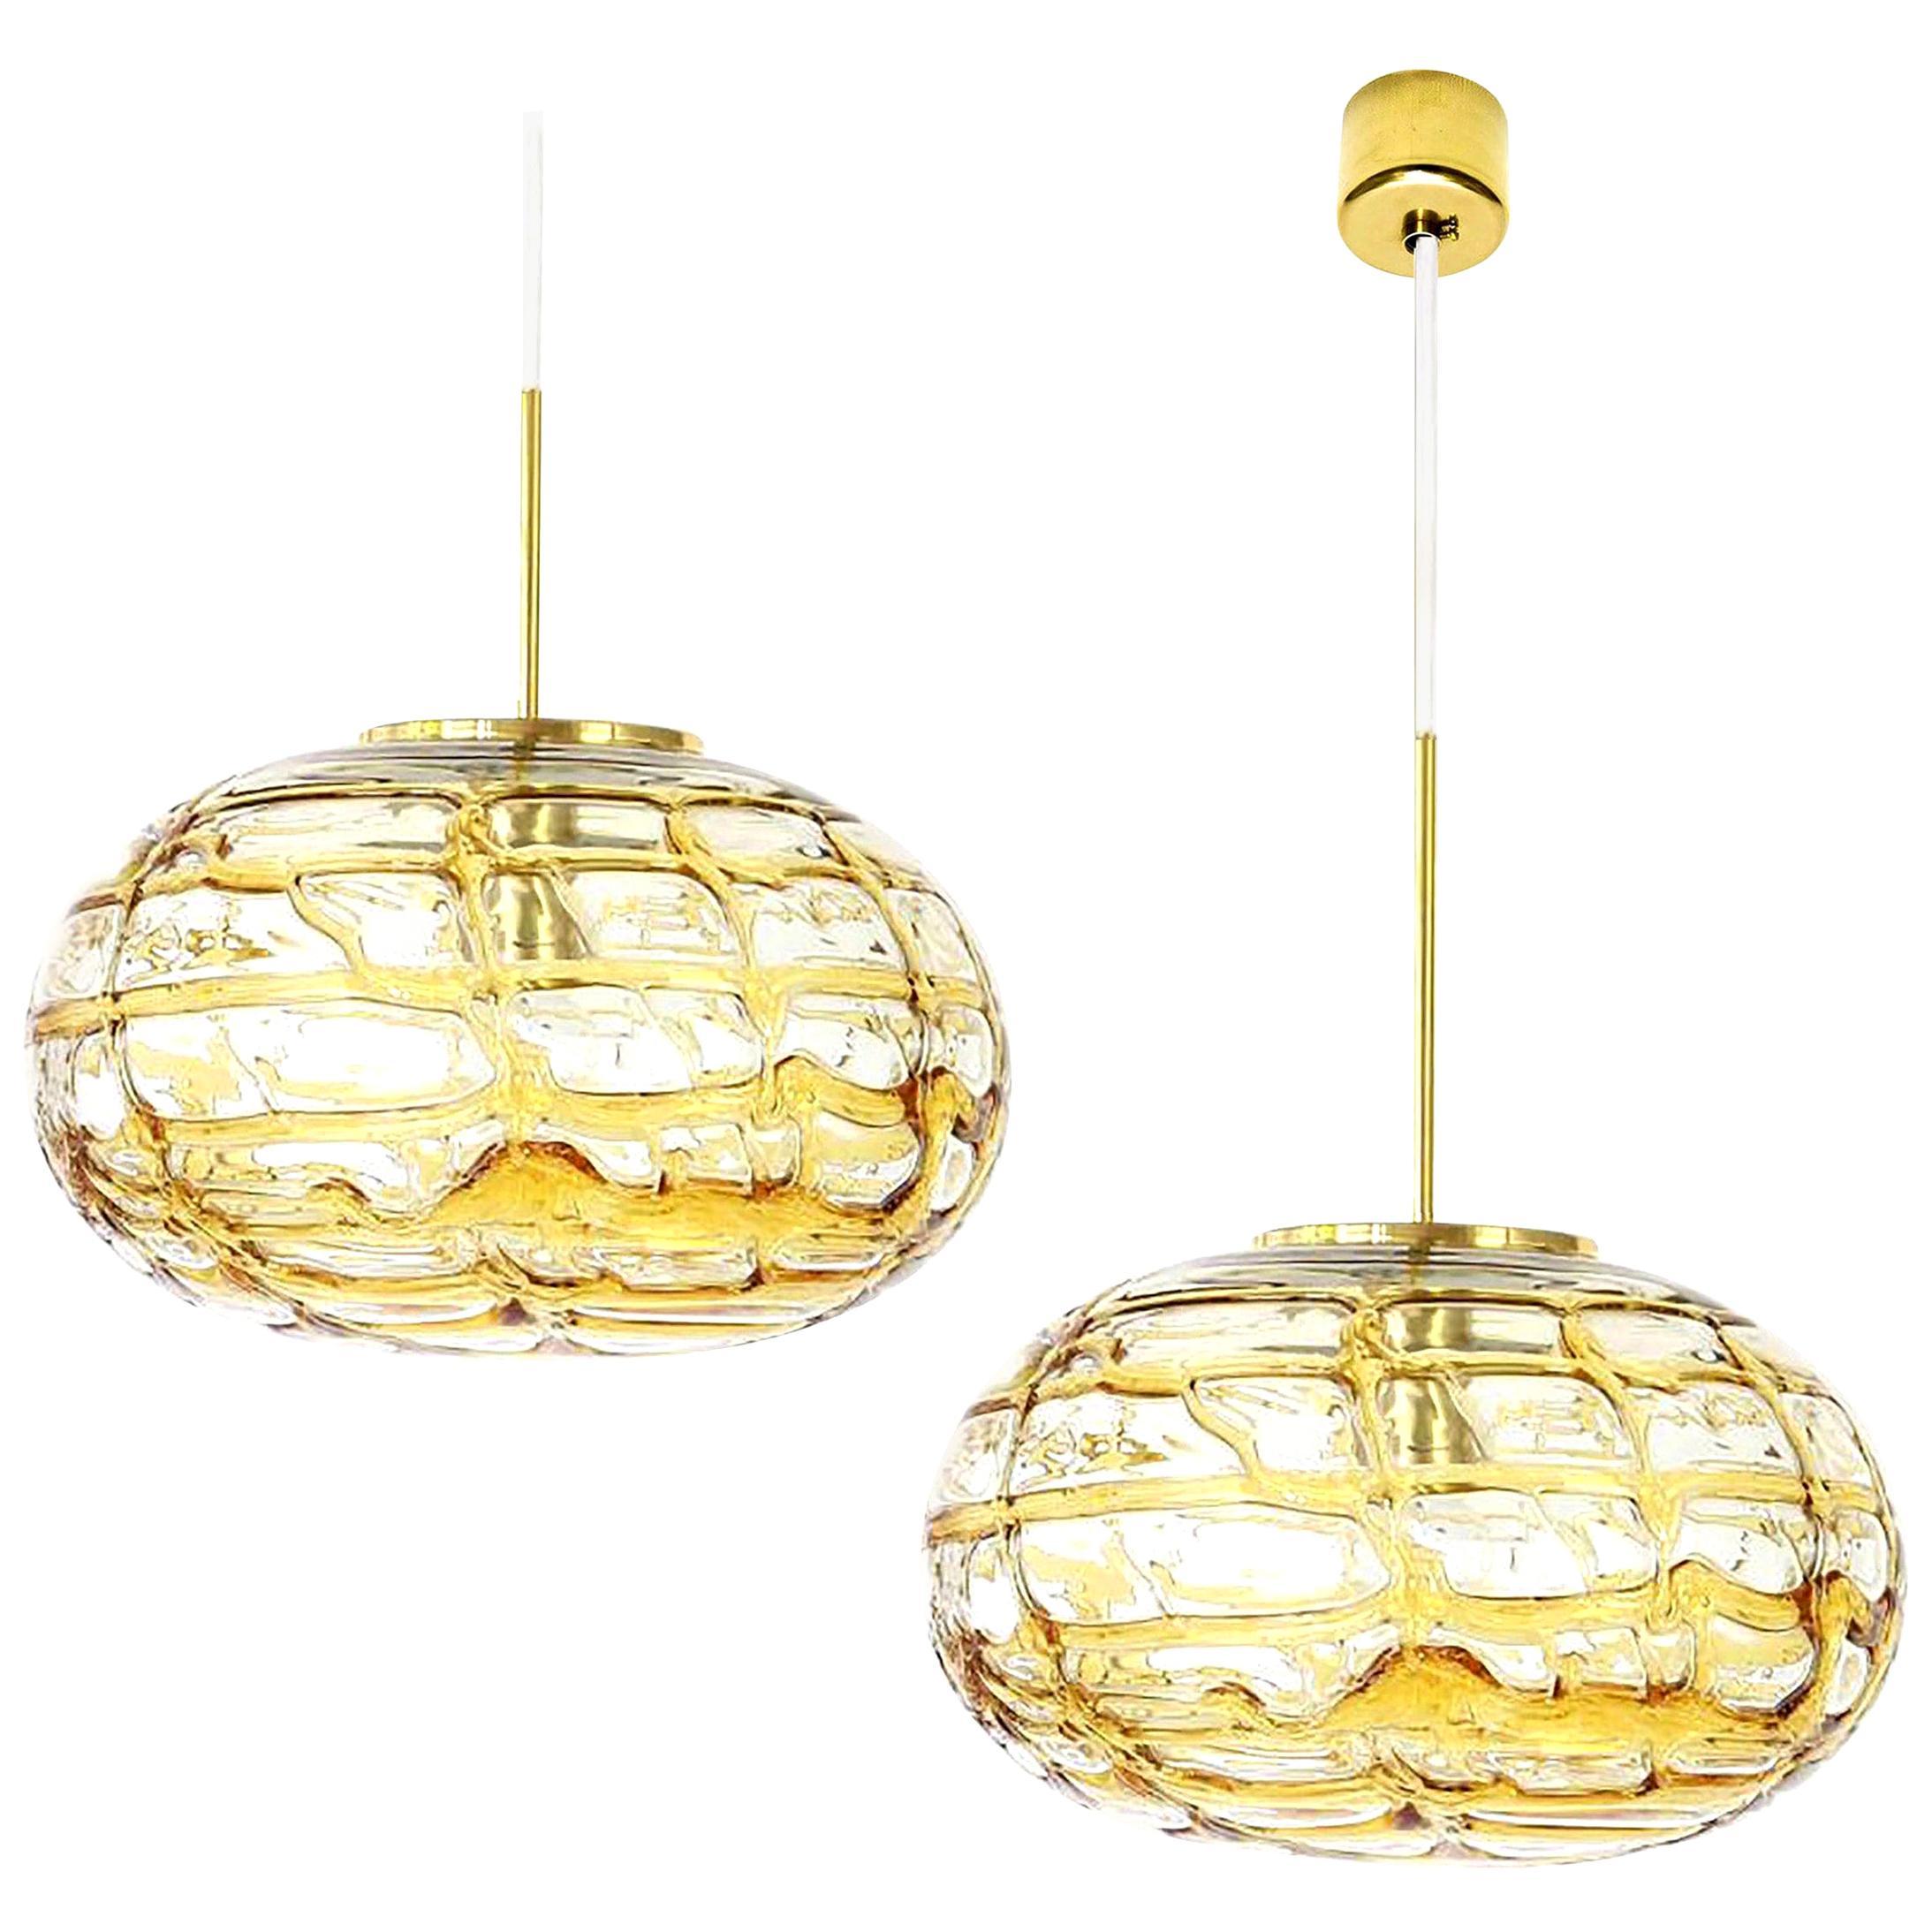 Pair of Ochre Yellow Murano Glass Pendant Lamp, 1960s